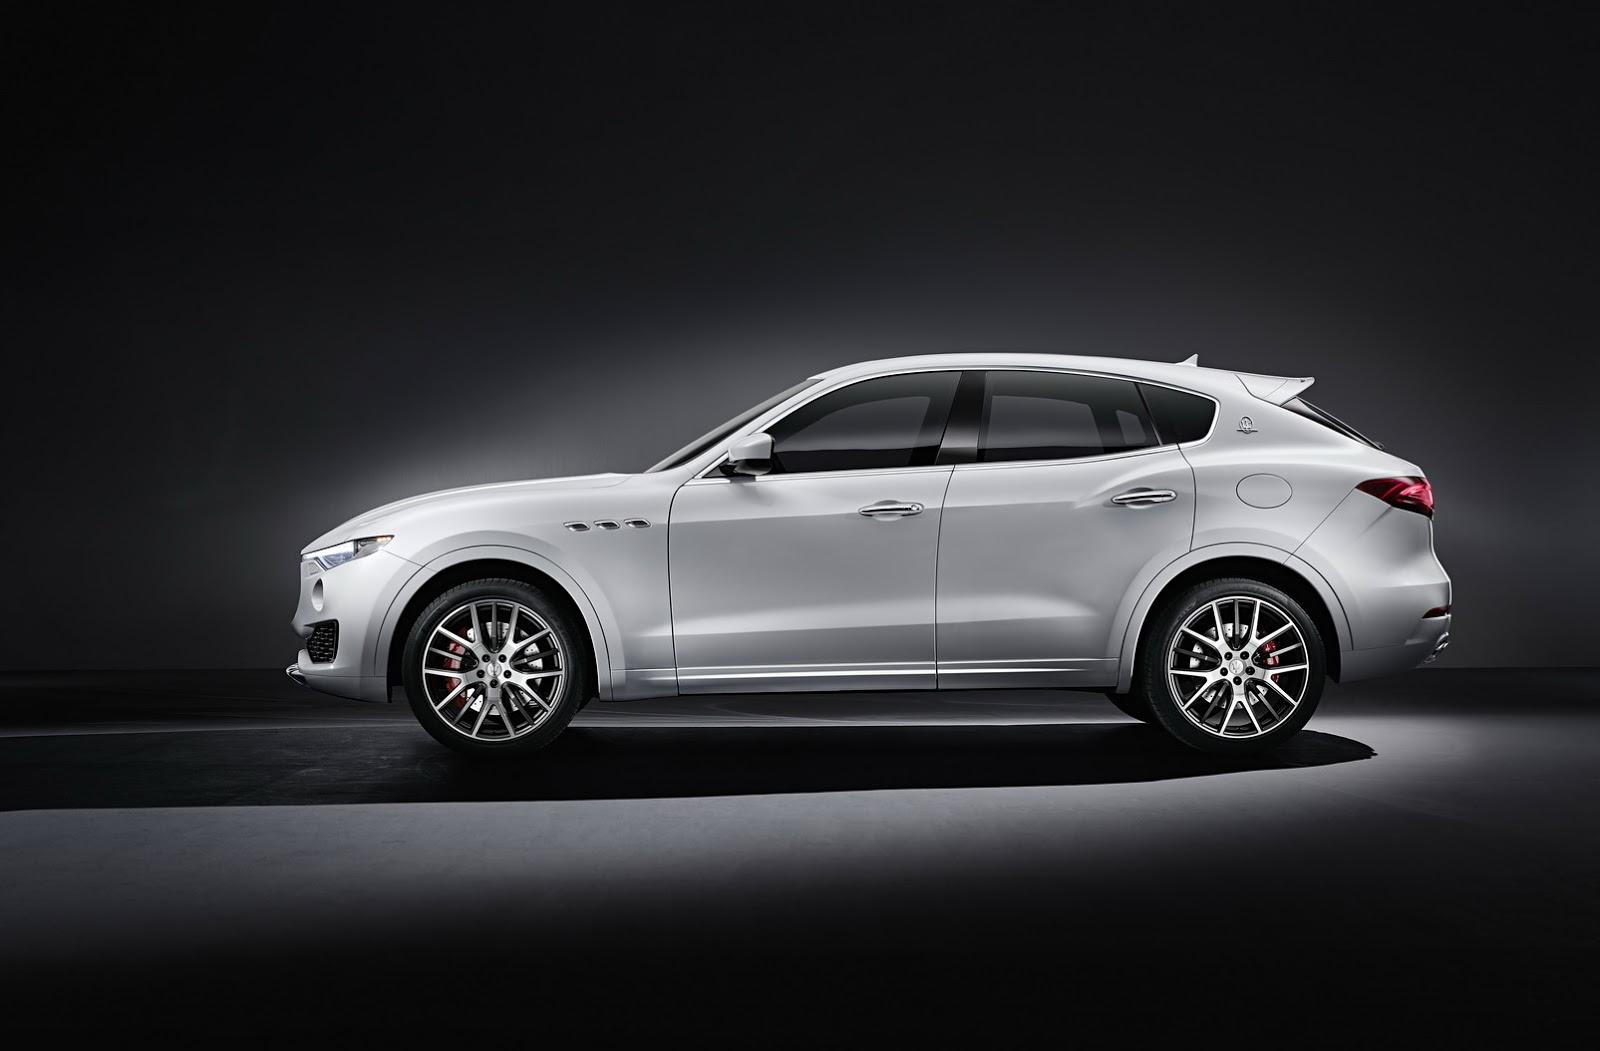 Maserati Levante luxusní SUV